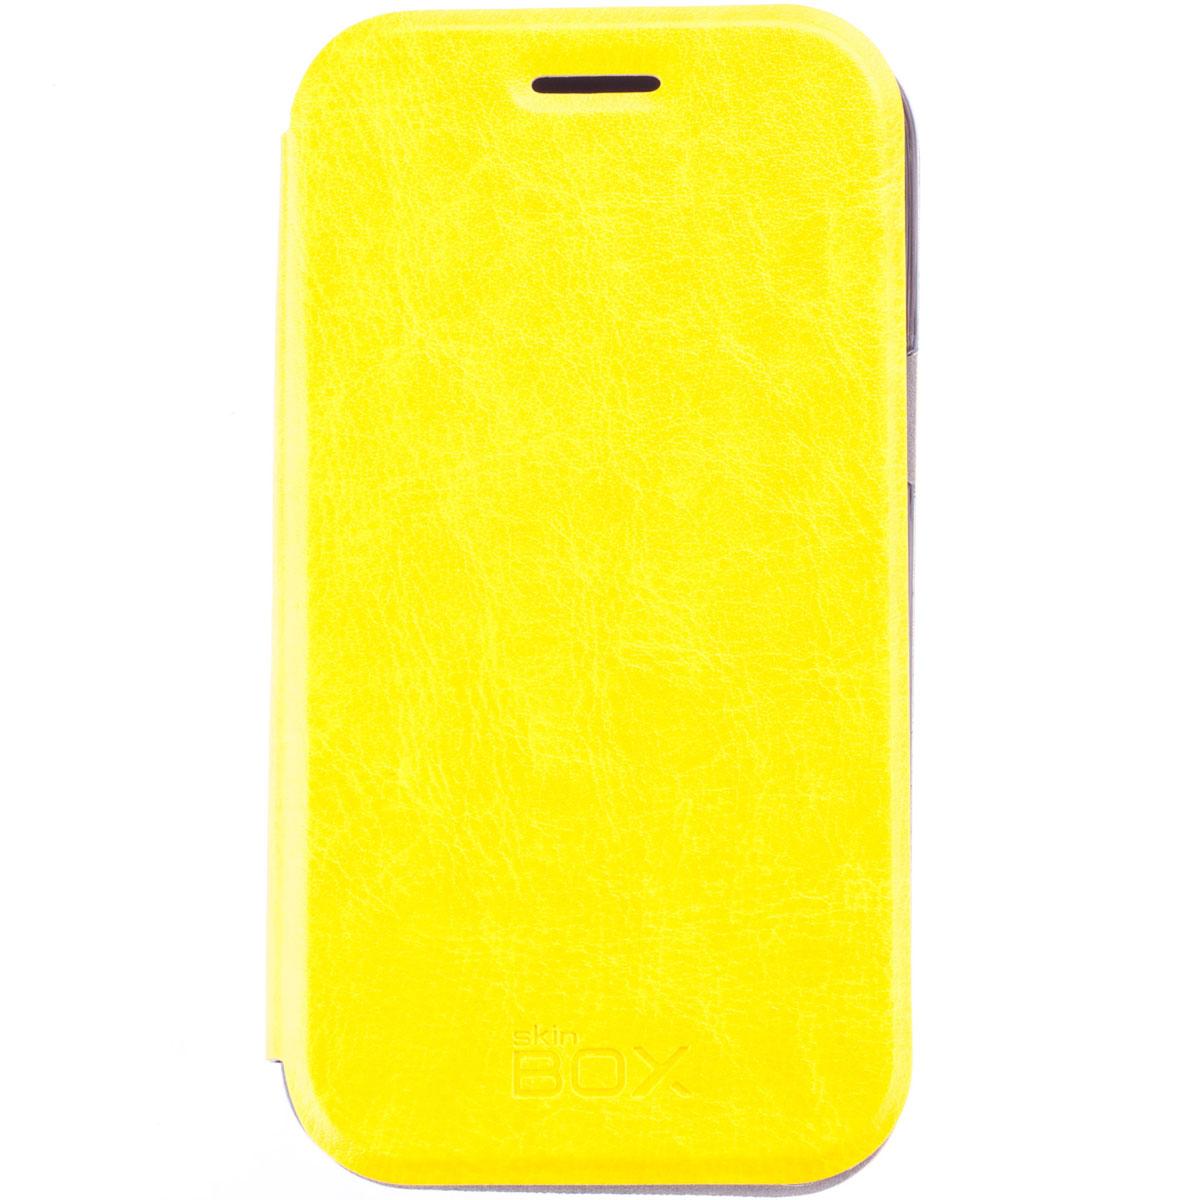 Skinbox Lux чехол для Samsung Galaxy J1 DS, YellowT-S-SJ1-003Чехол Skinbox Lux выполнен из высококачественного поликарбоната и экокожи. Он обеспечивает надежную защиту корпуса и экрана смартфона и надолго сохраняет его привлекательный внешний вид. Чехол также обеспечивает свободный доступ ко всем разъемам и клавишам устройства.